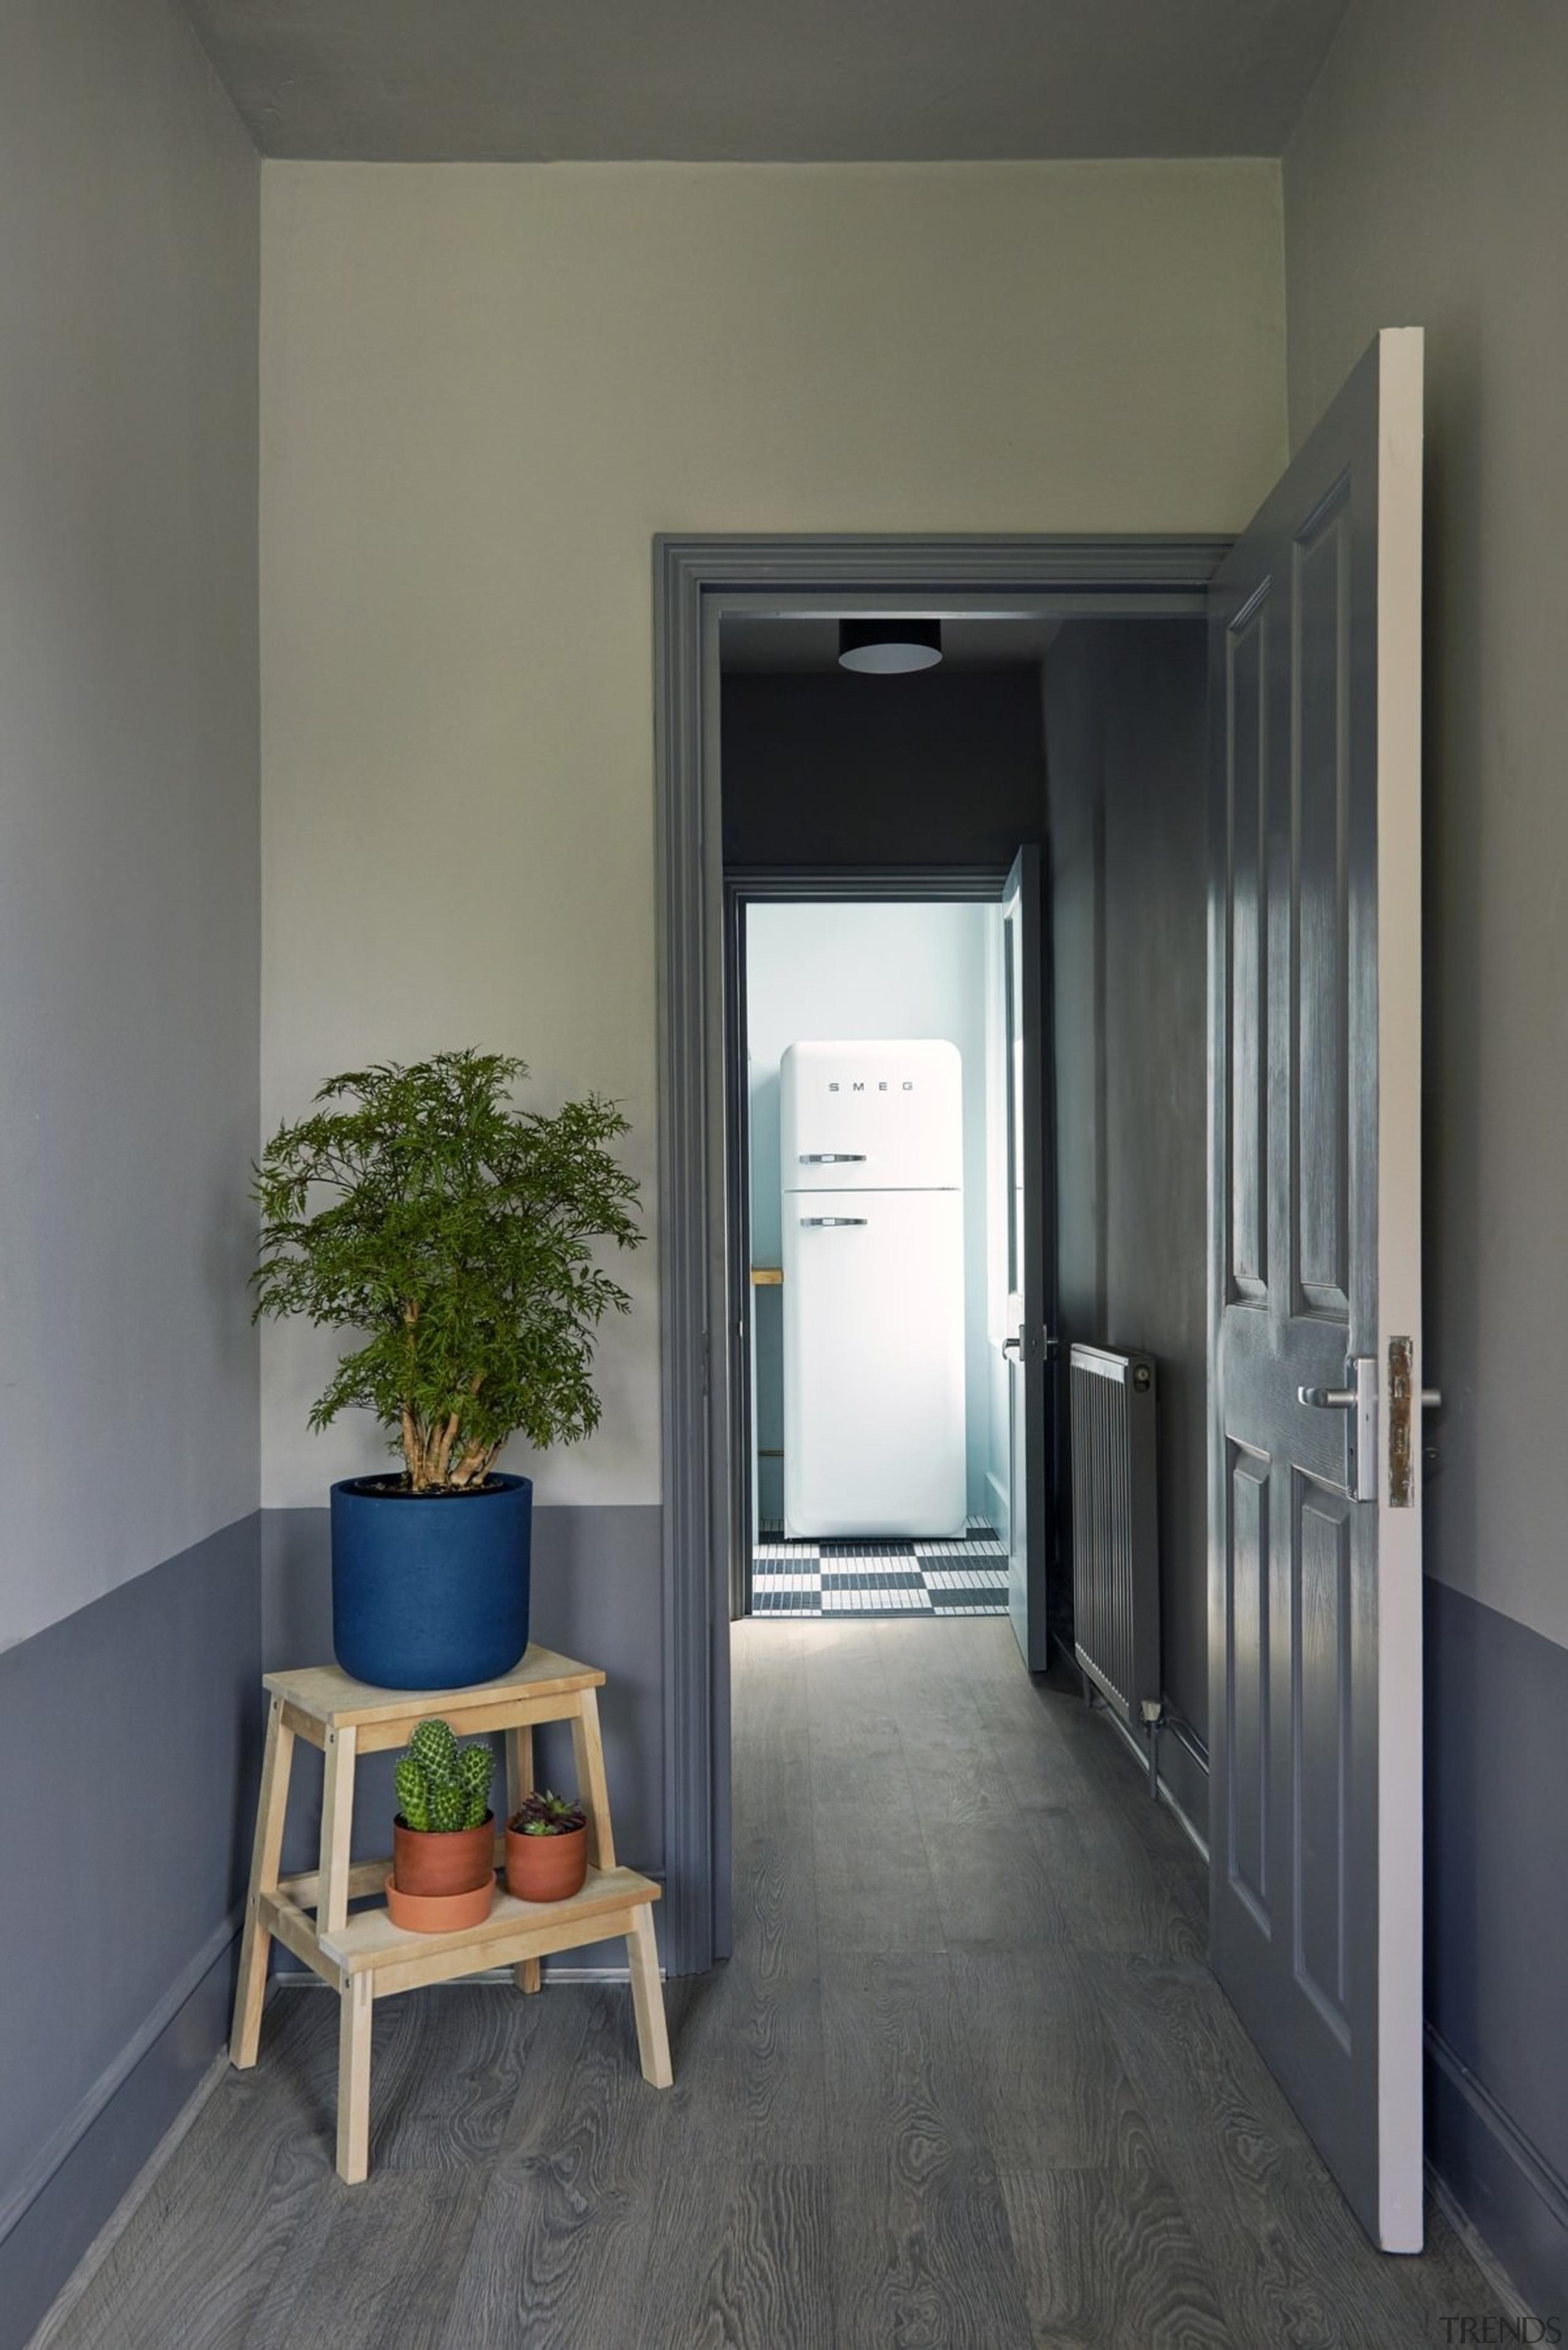 Wood floors run down the hallway to an door, floor, home, interior design, window, gray, black